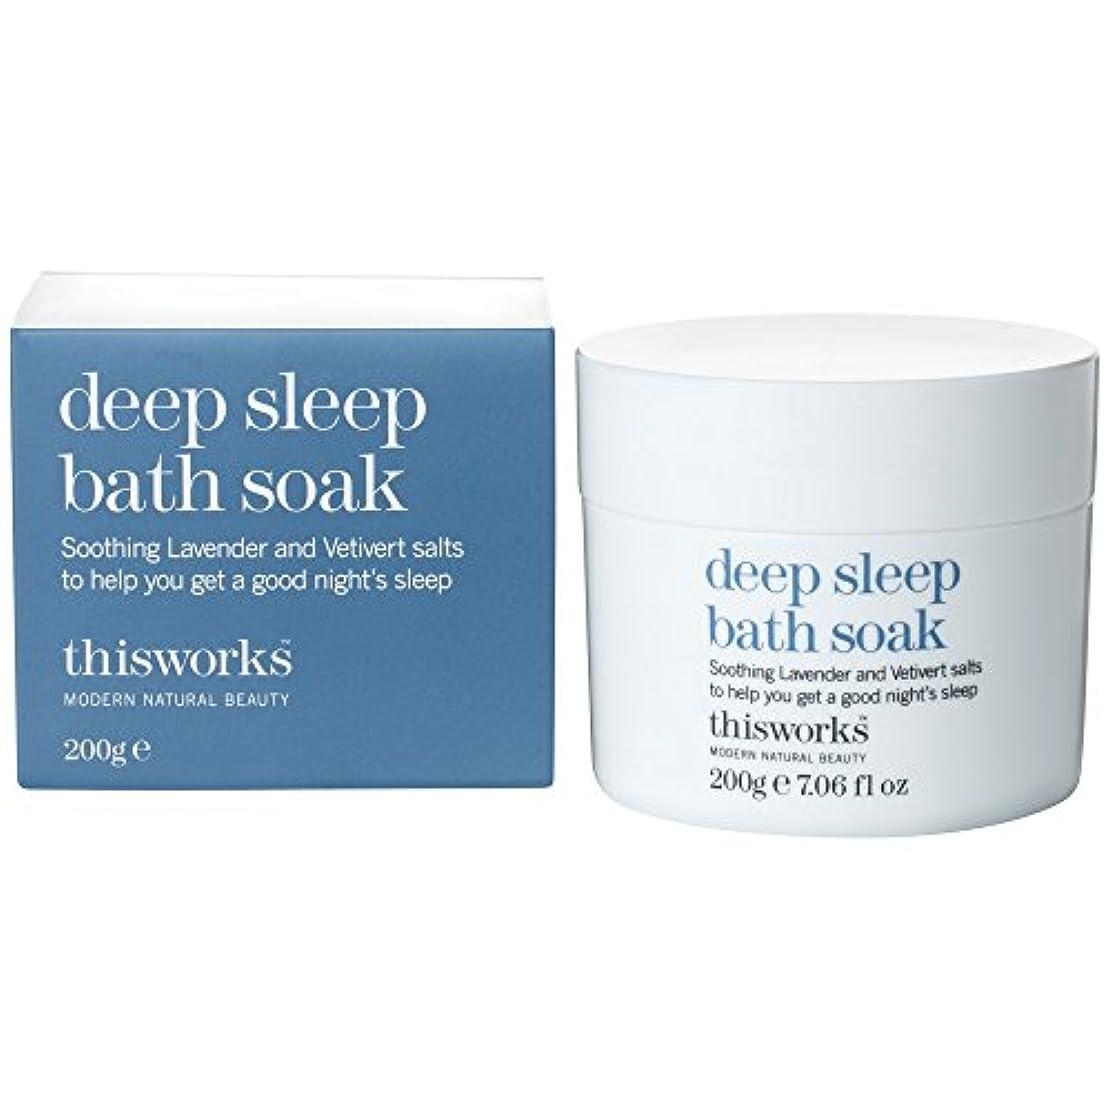 同情厚くするパフこれは、深い眠り浴が200グラムを浸す働きます (This Works) - This Works Deep Sleep Bath Soak 200g [並行輸入品]